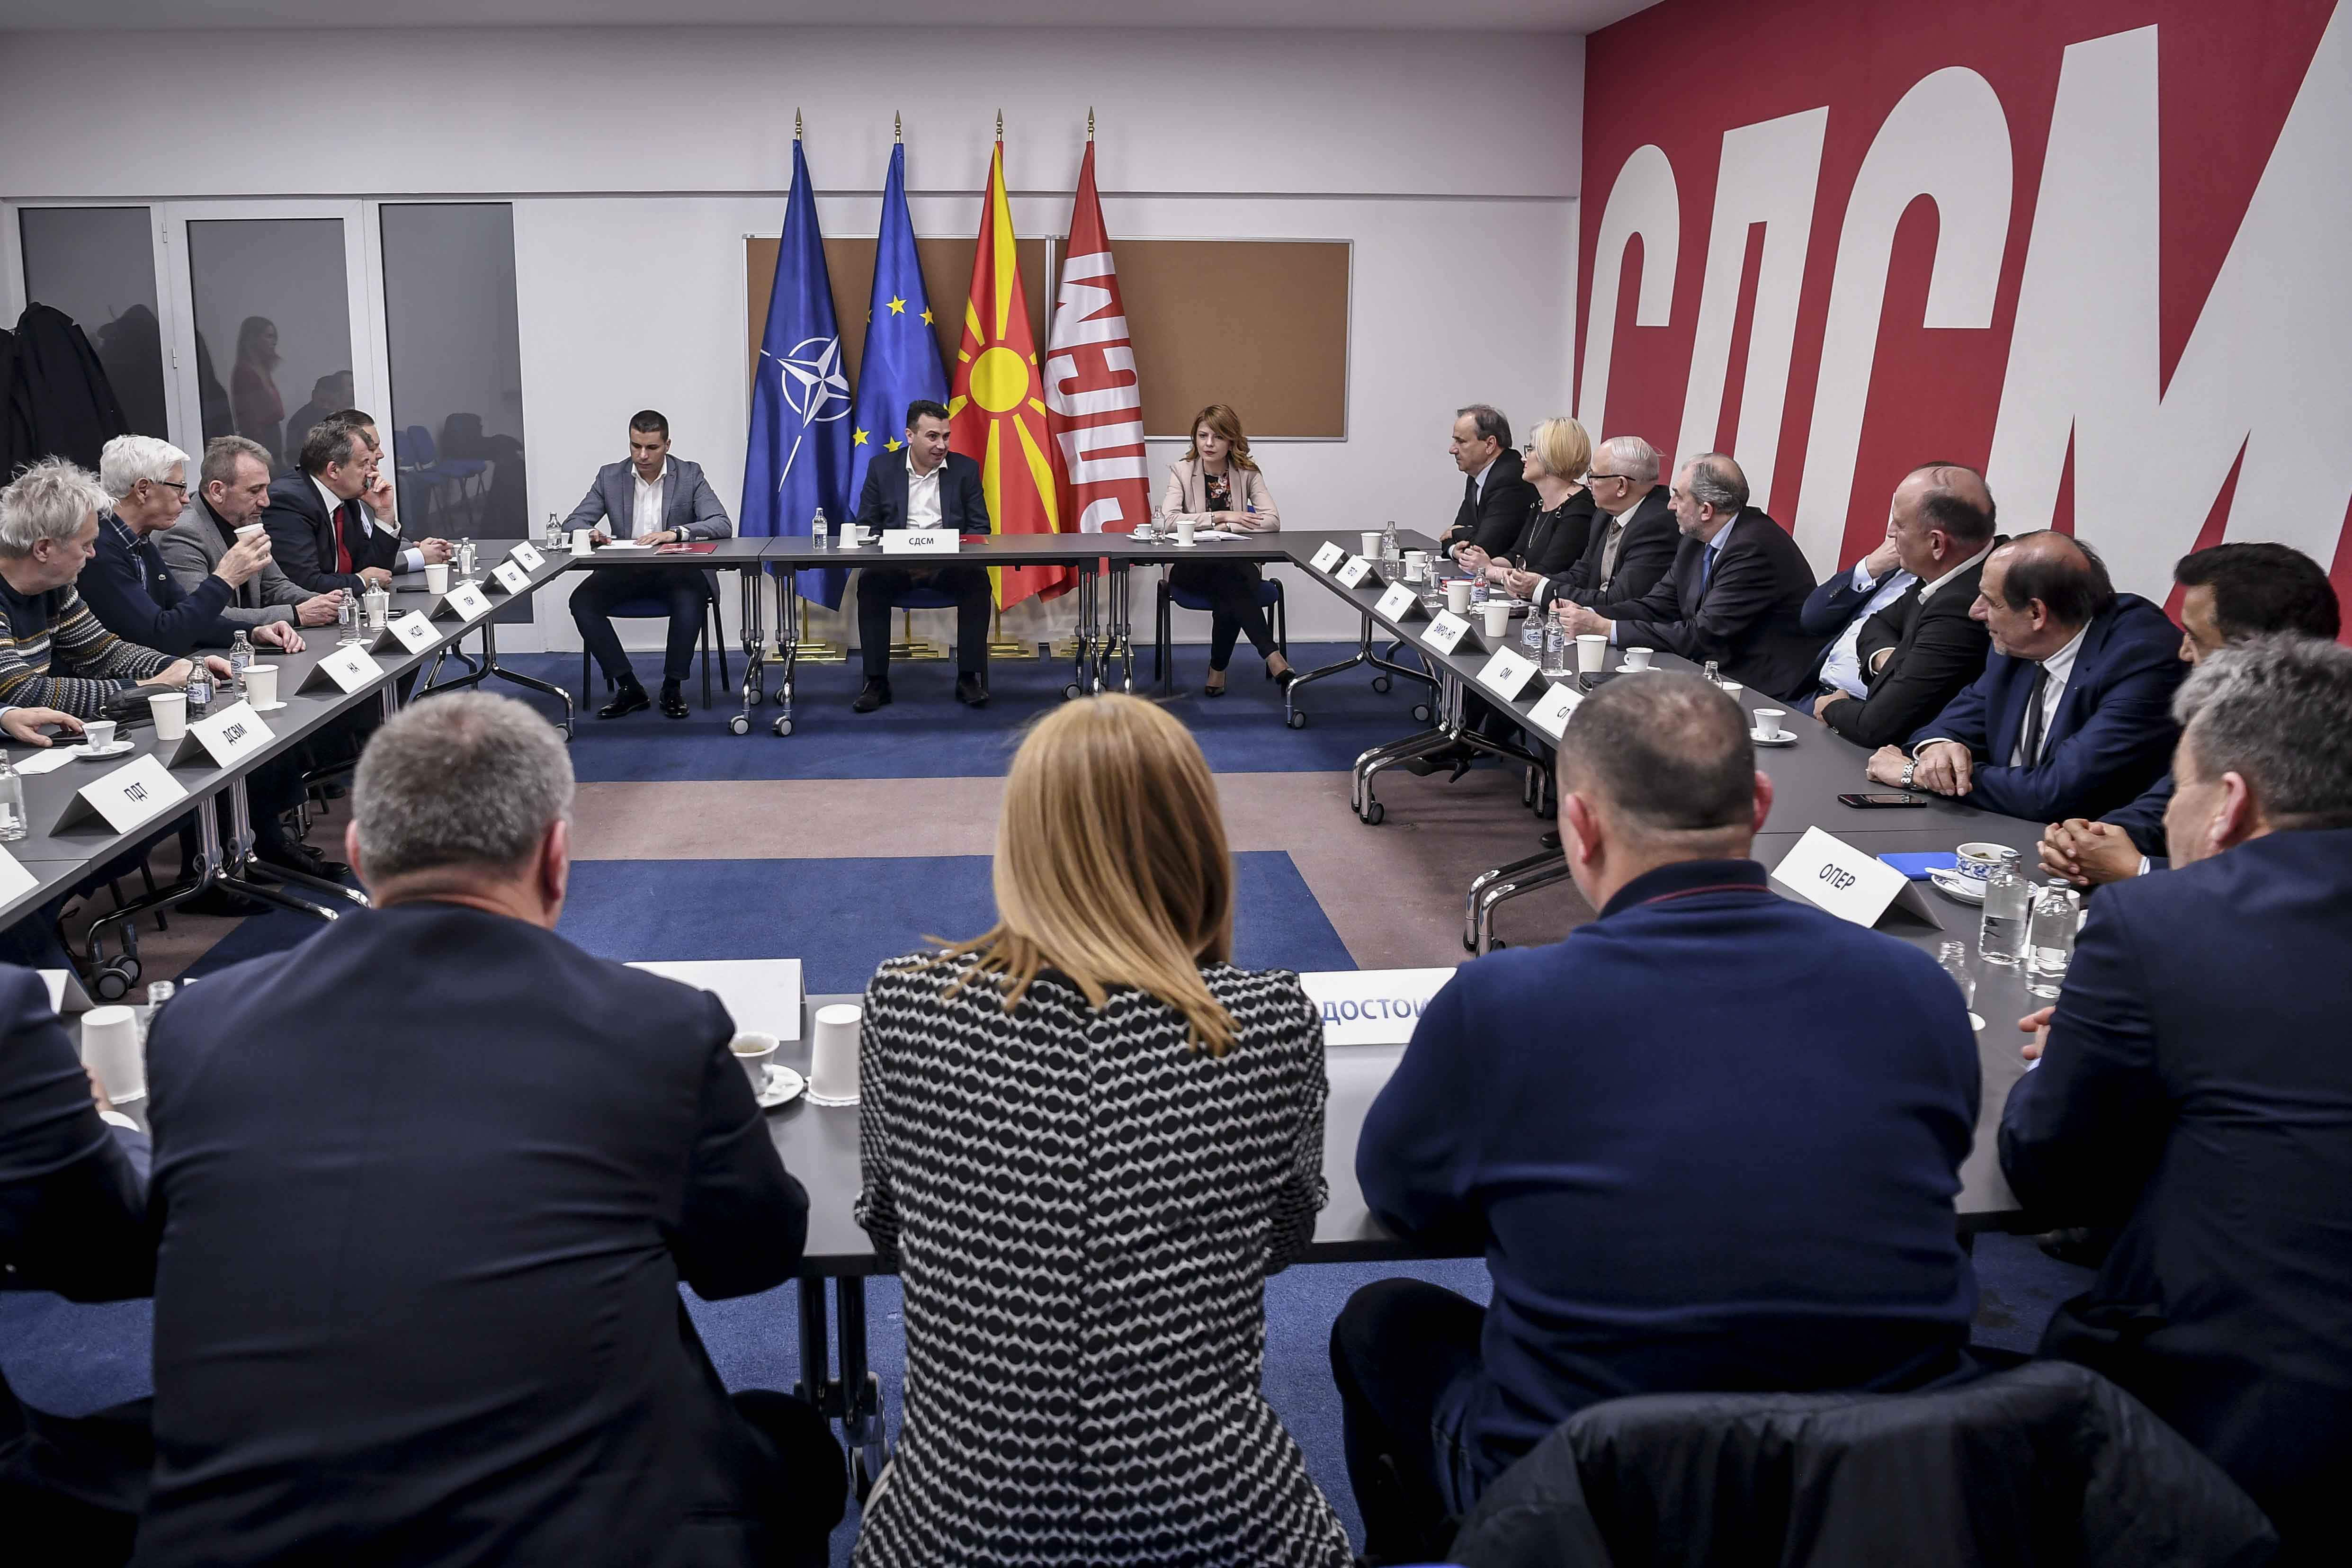 Zaev: Το SDSM εργάζεται για το συμφέρον των πολιτών